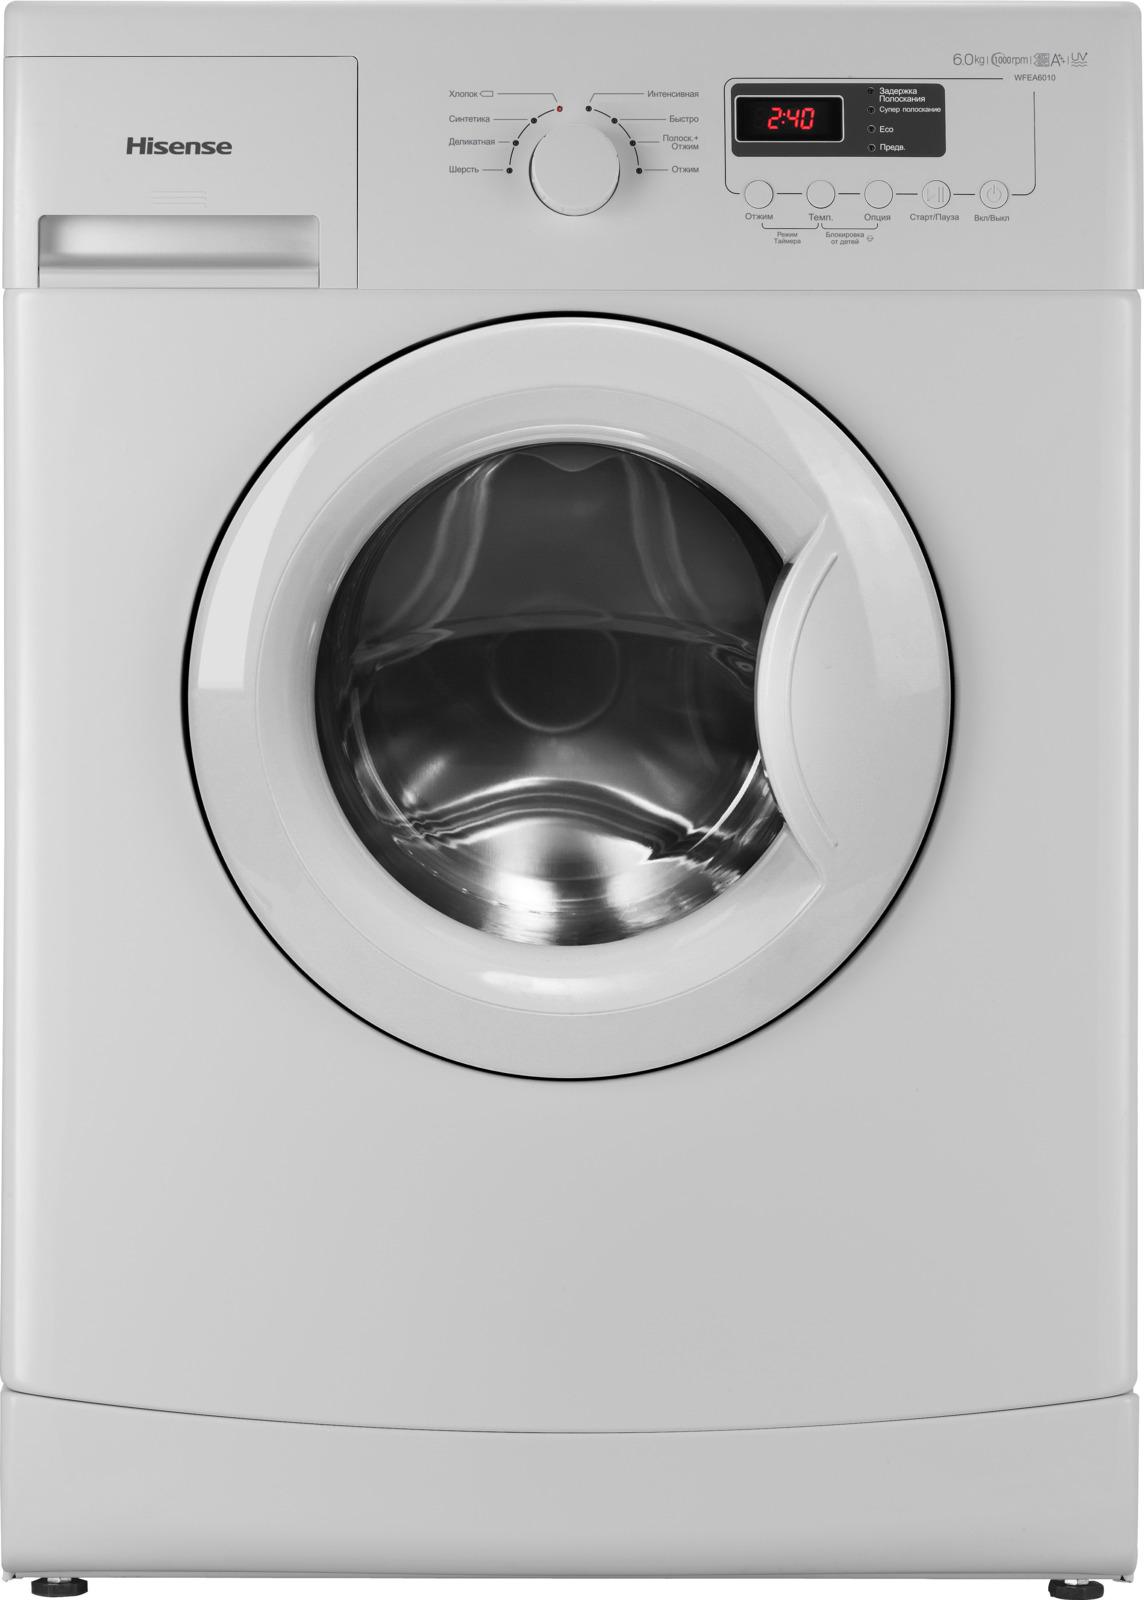 Стиральная машина Hisense WFEA6010 стиральная машина hisense wfea6010s